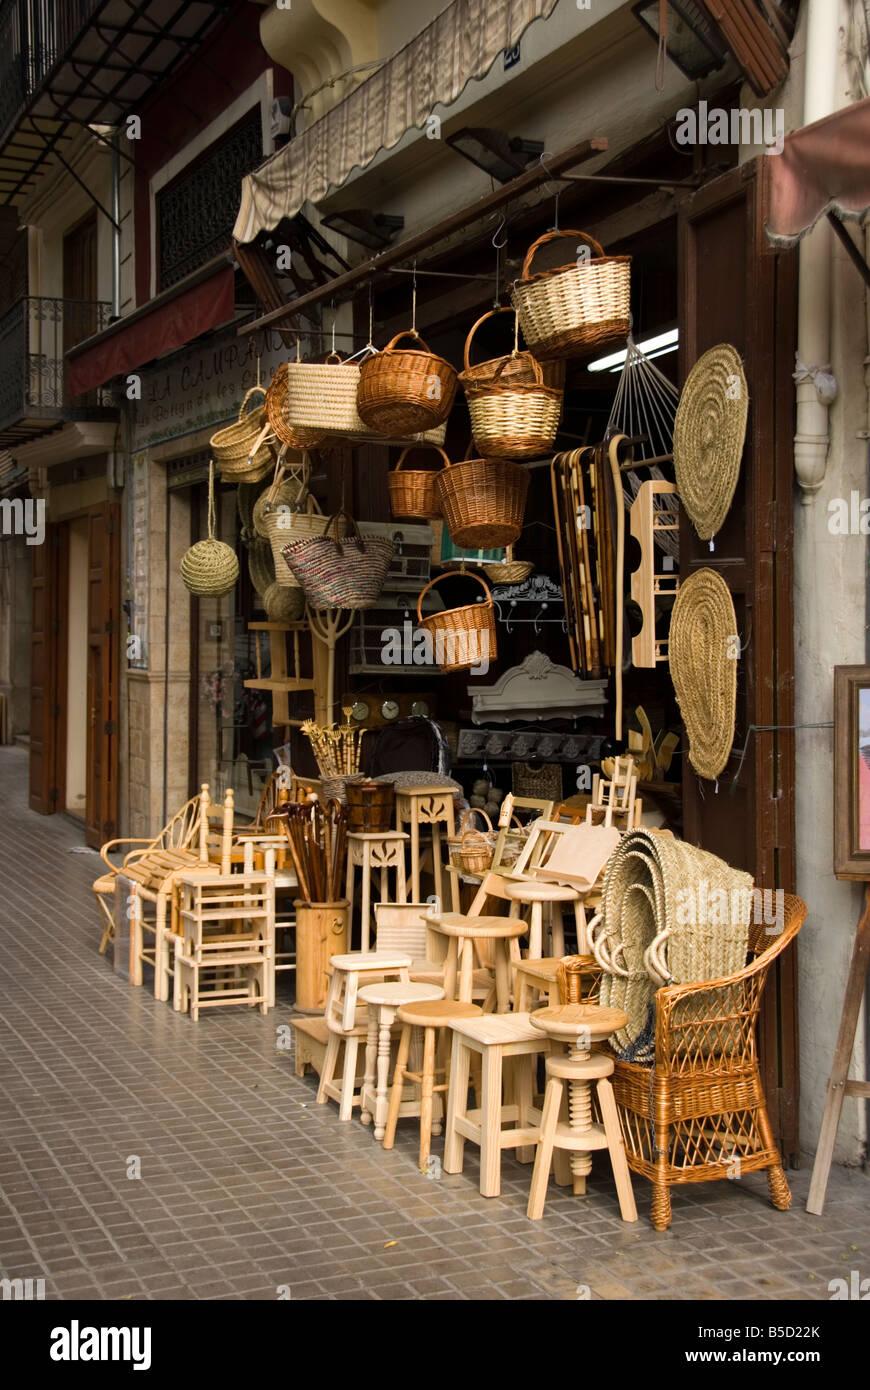 Negozio di artigianato Vendita di mobili in legno e lavori in vimini nel centro della città di Valencia realizzato Immagini Stock